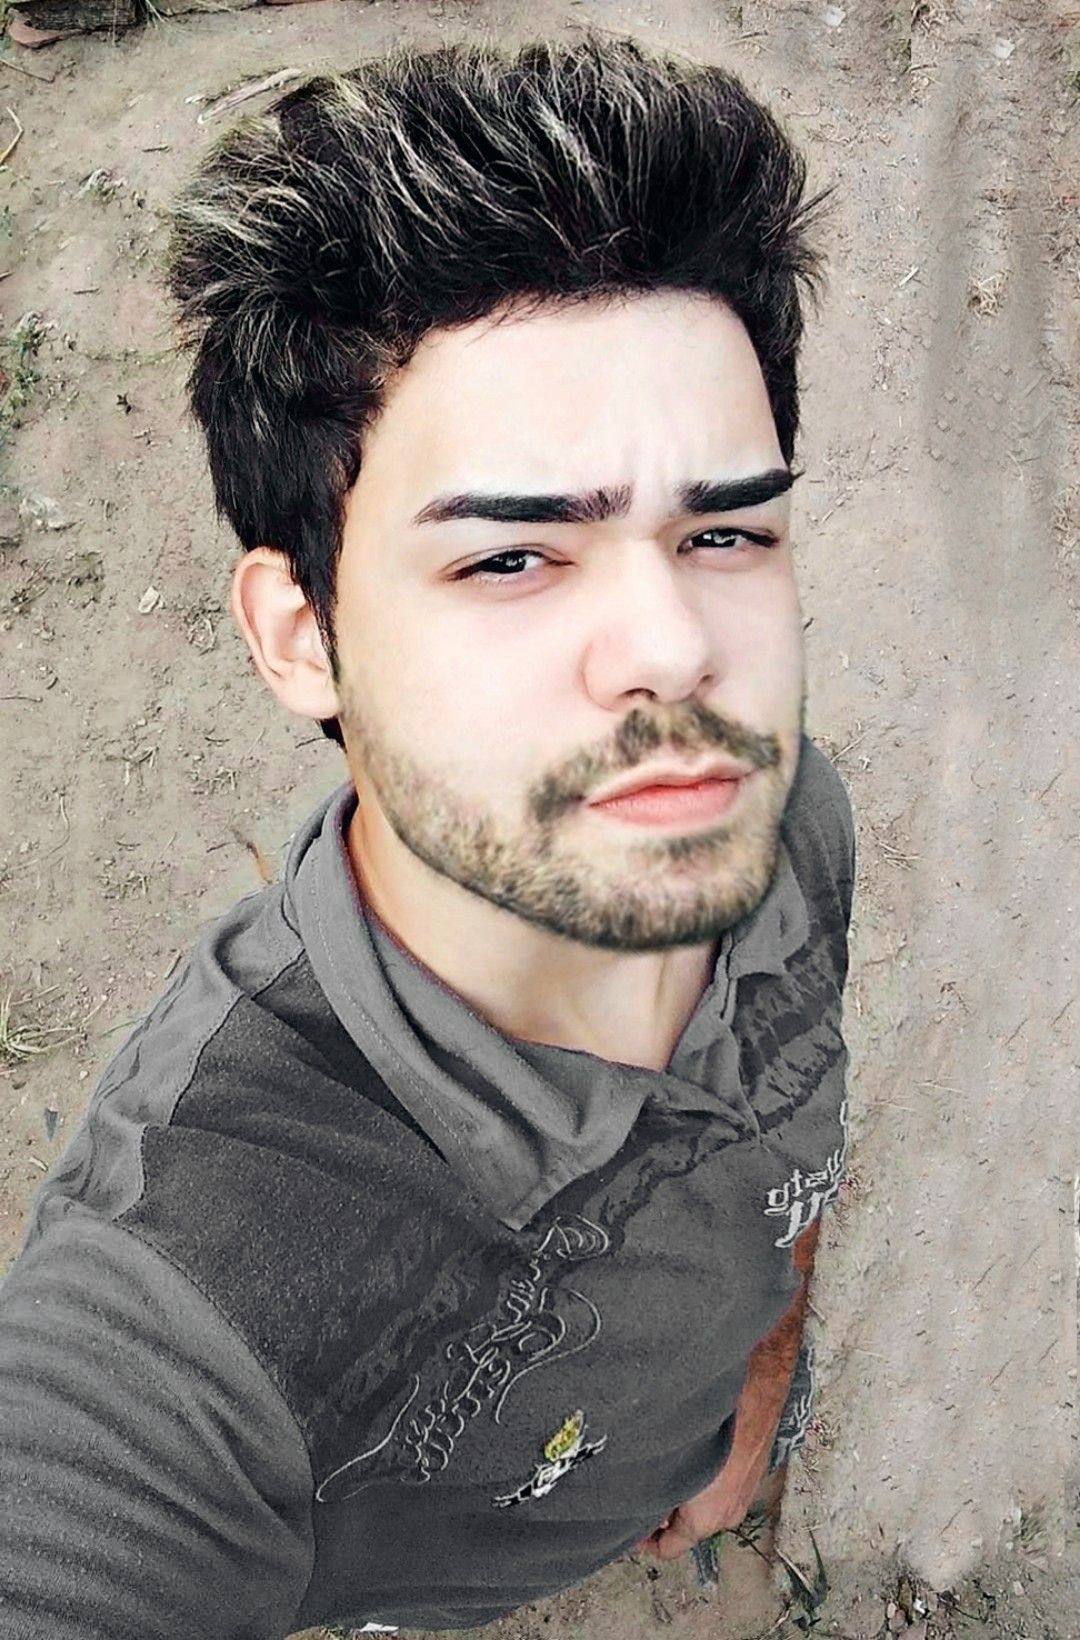 Barba Boy Men Model Selfie Beautiful Cabelo Moda Garoto